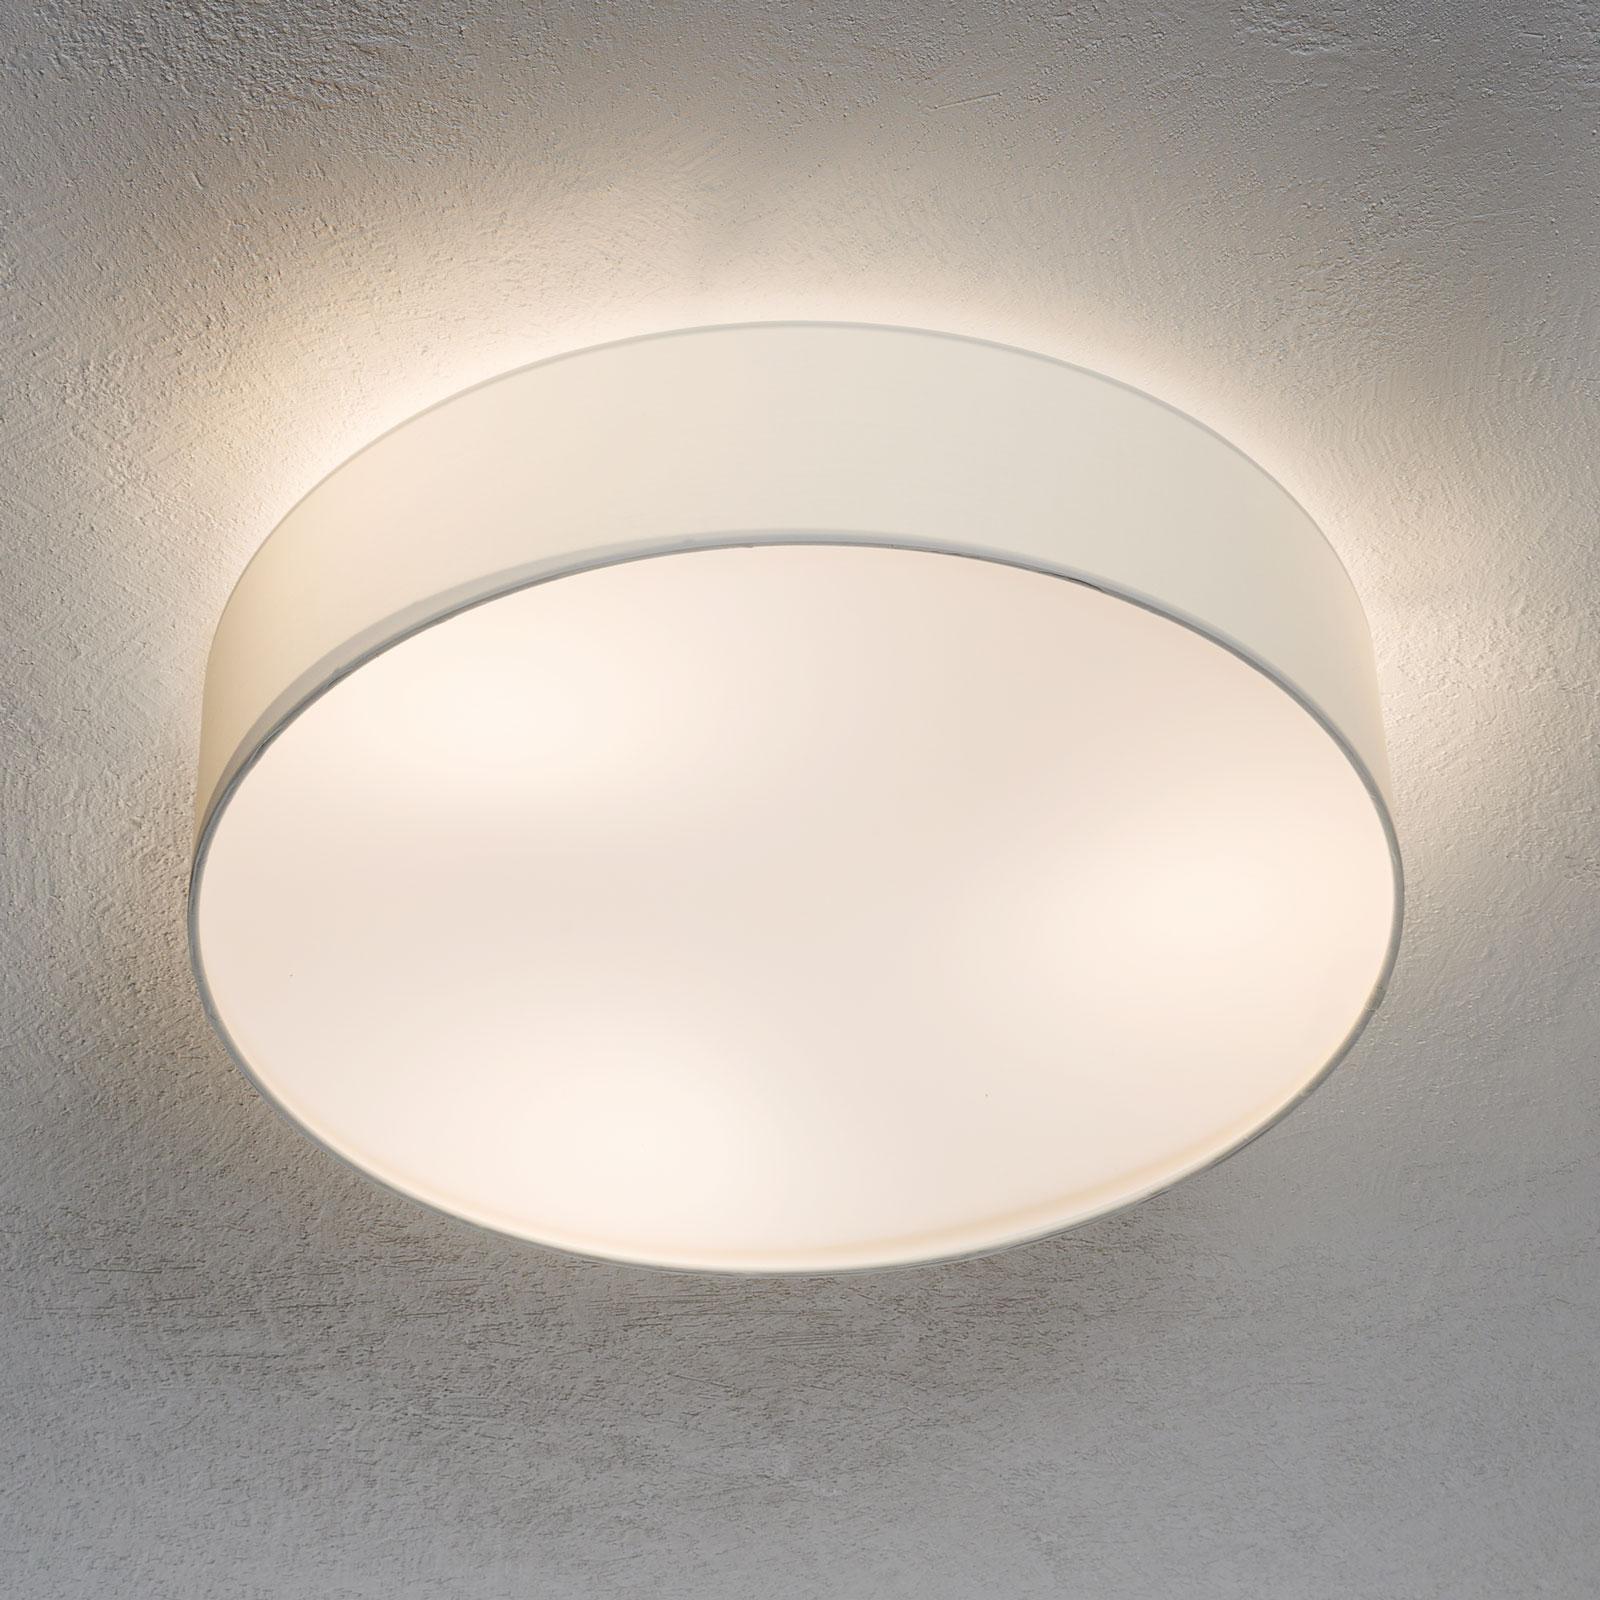 Pasteri - strahlend weiße Textil-Deckenlampe 57 cm